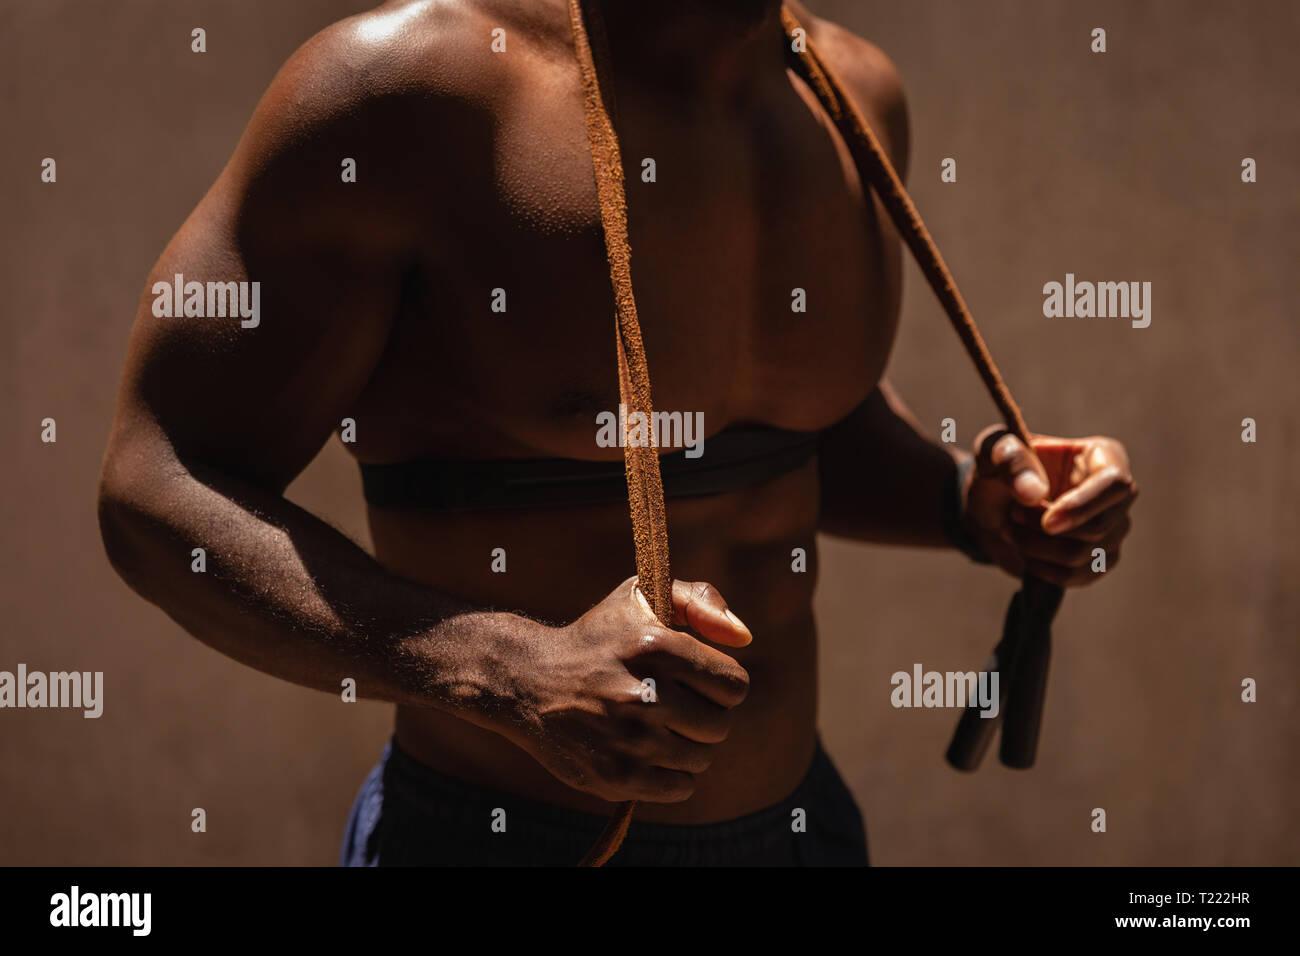 Mann stand halten Springseil über der Schulter Stockbild